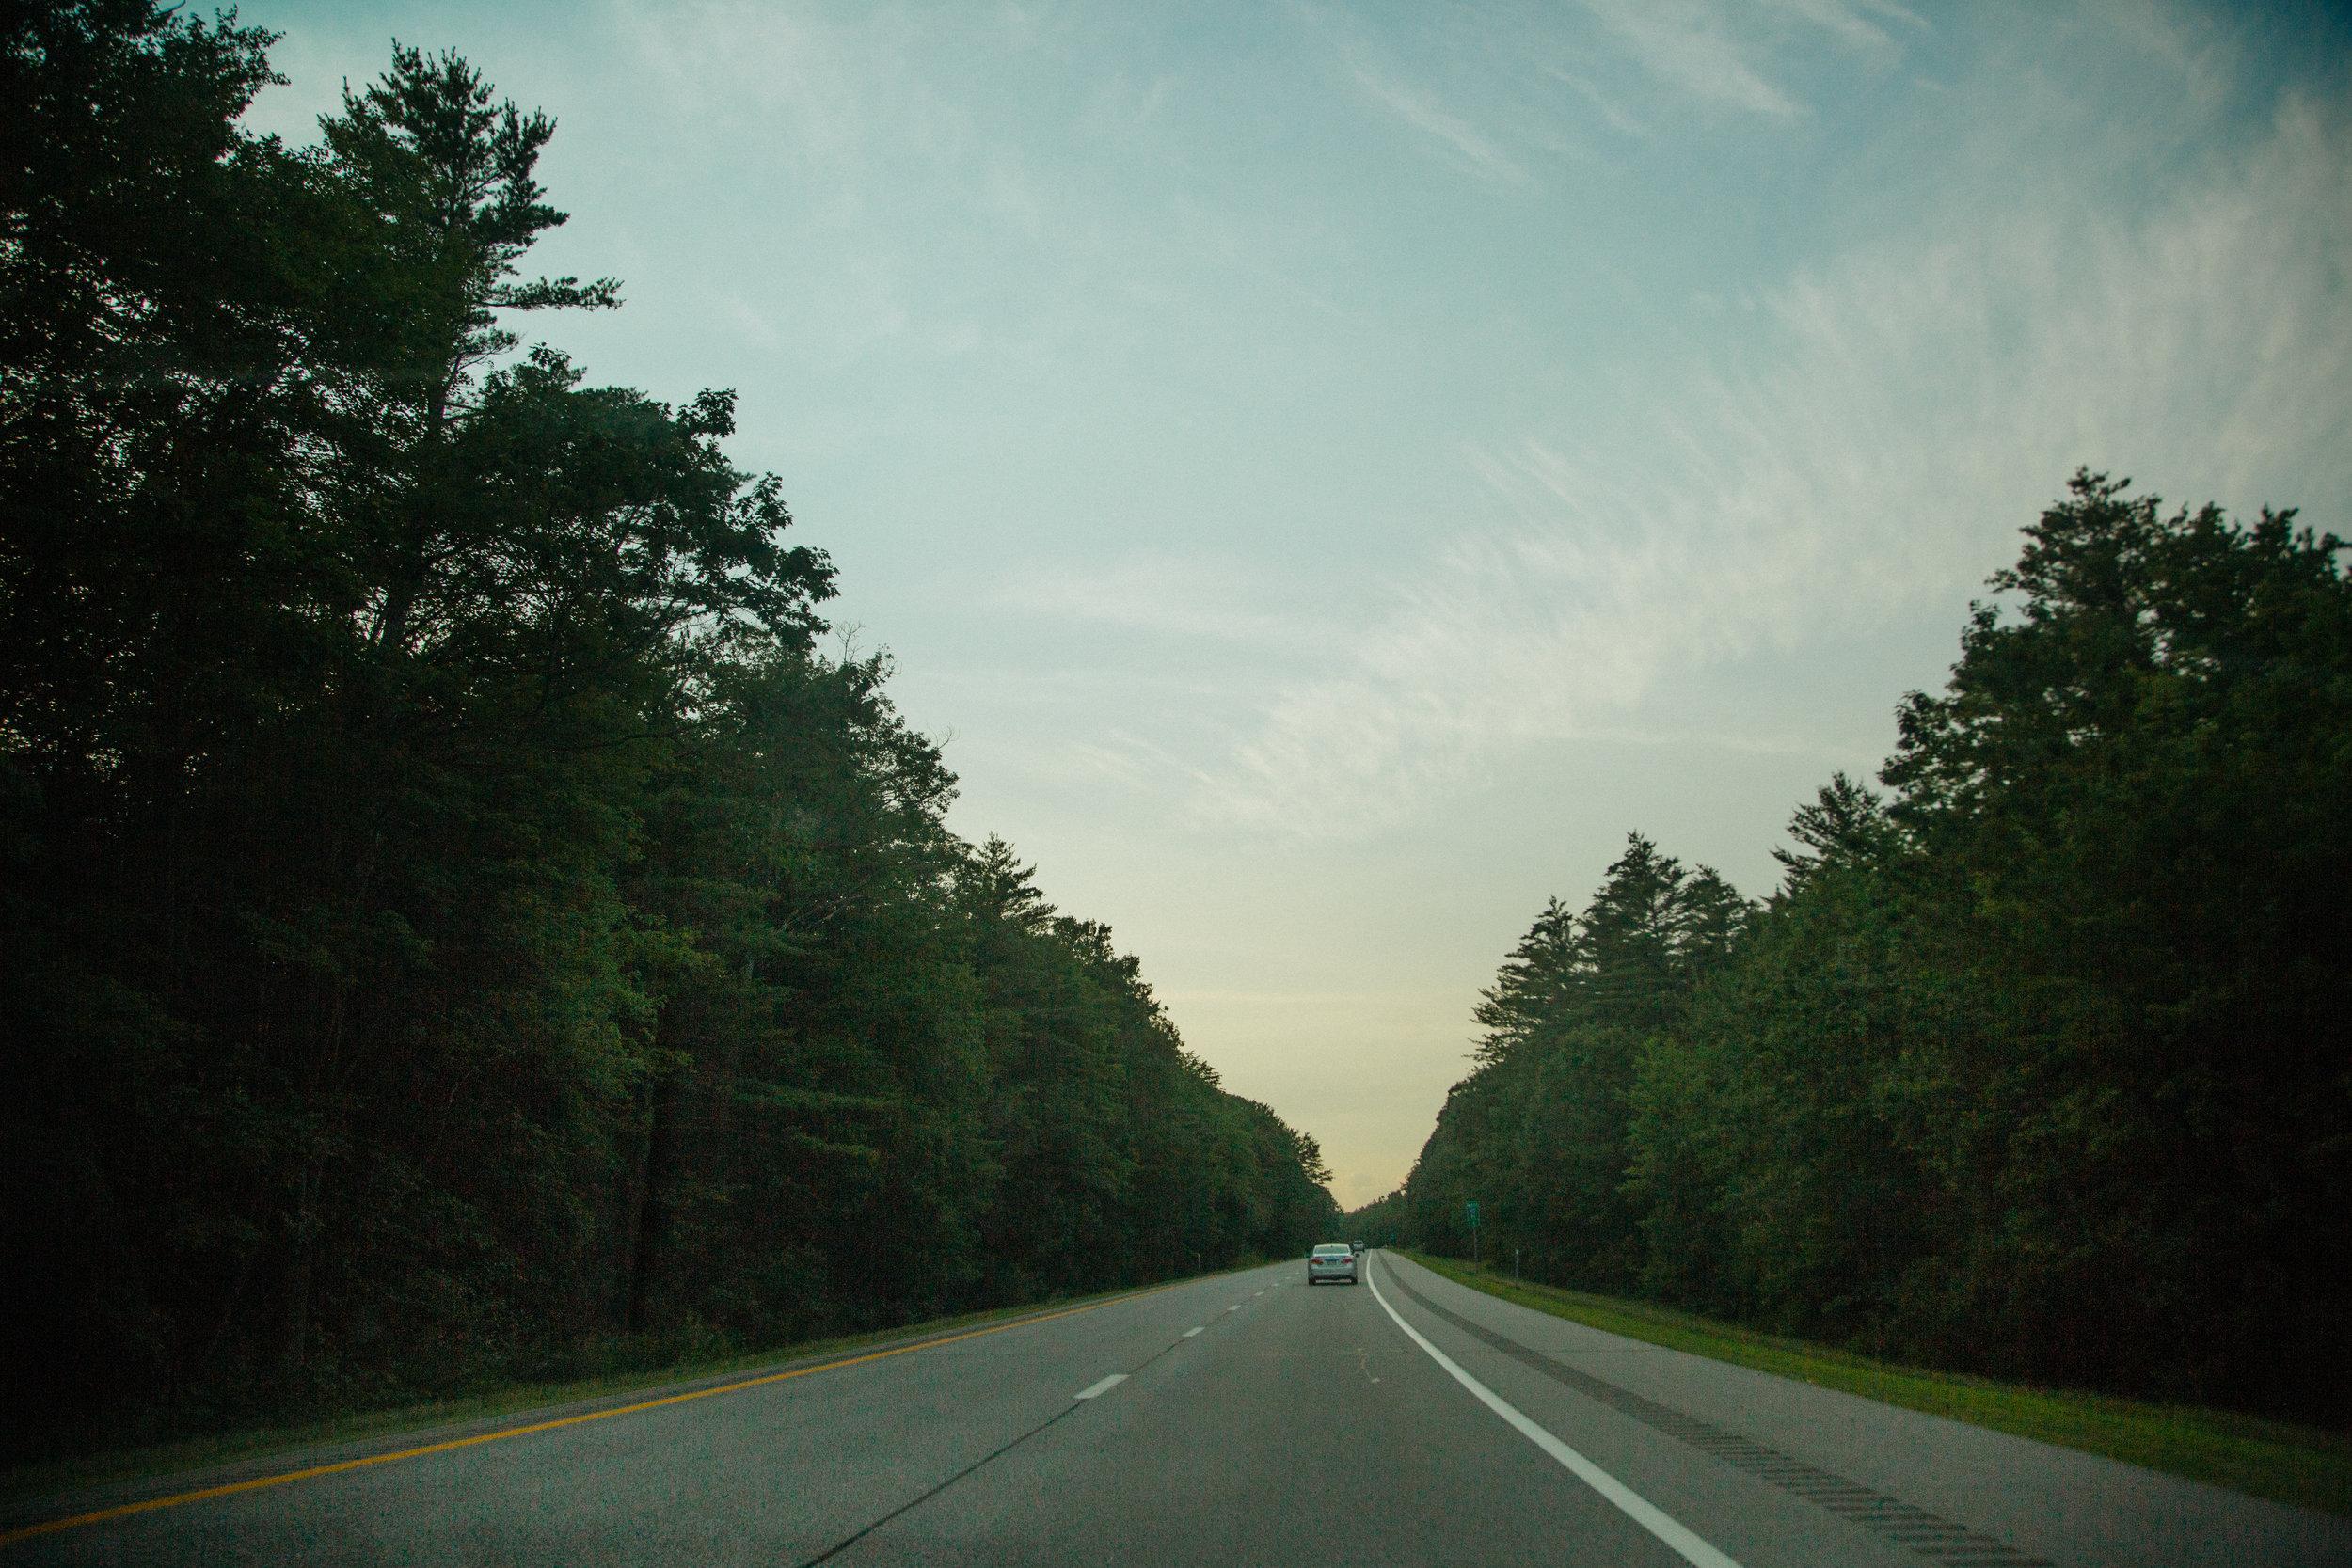 Unknown highway.